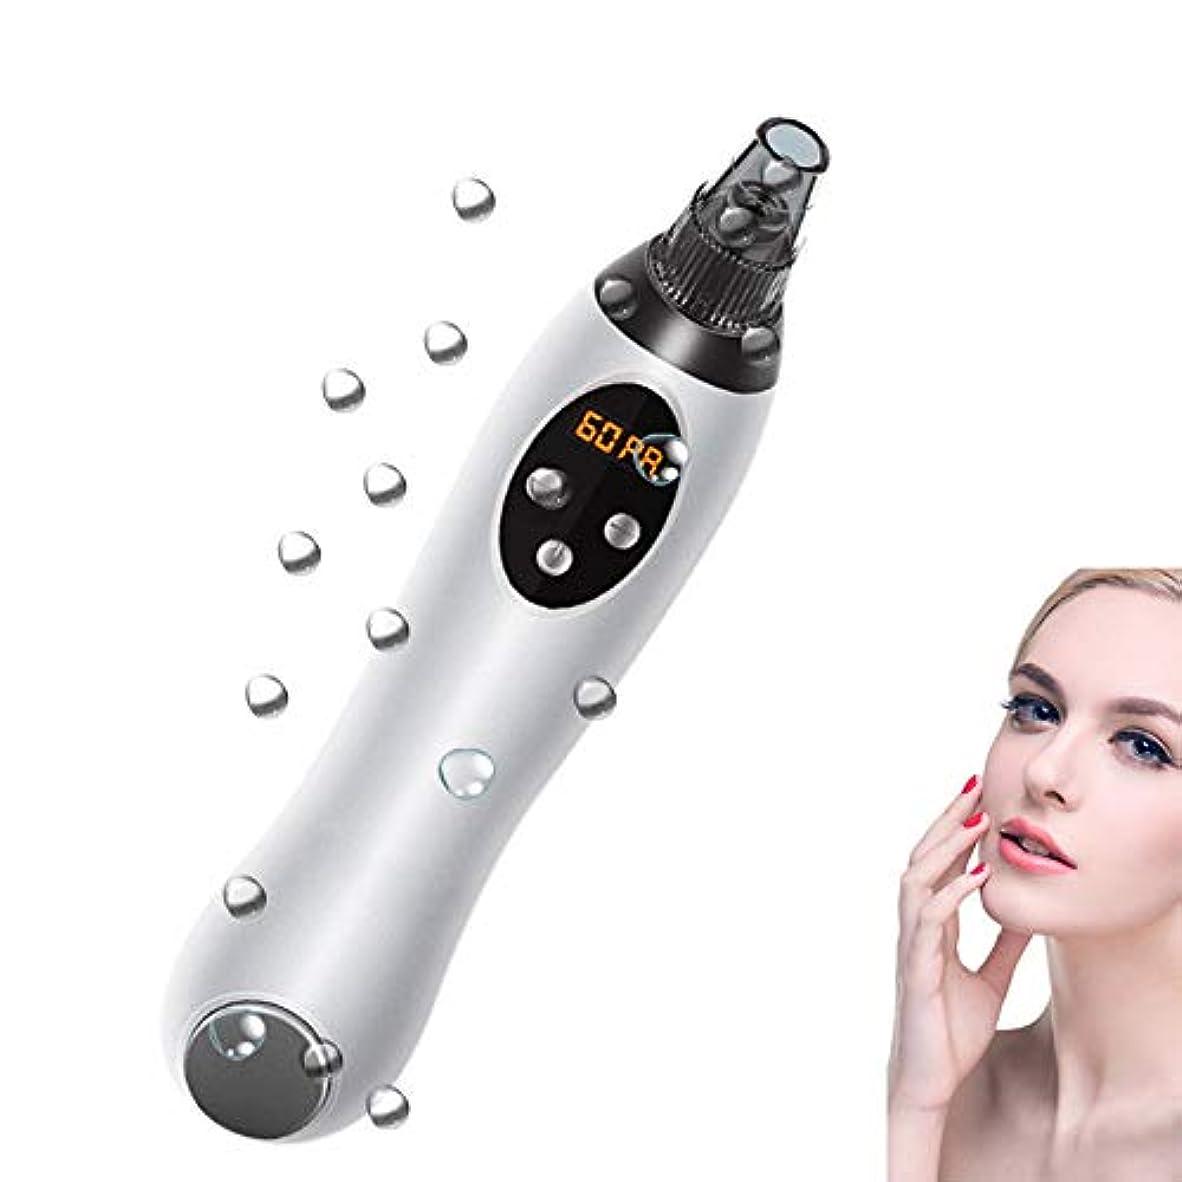 環境親指預言者ブラックヘッド吸引掃除機リムーバー充電式USB顔面ざ瘡、アクネ毛穴清掃美容ツール,Silver